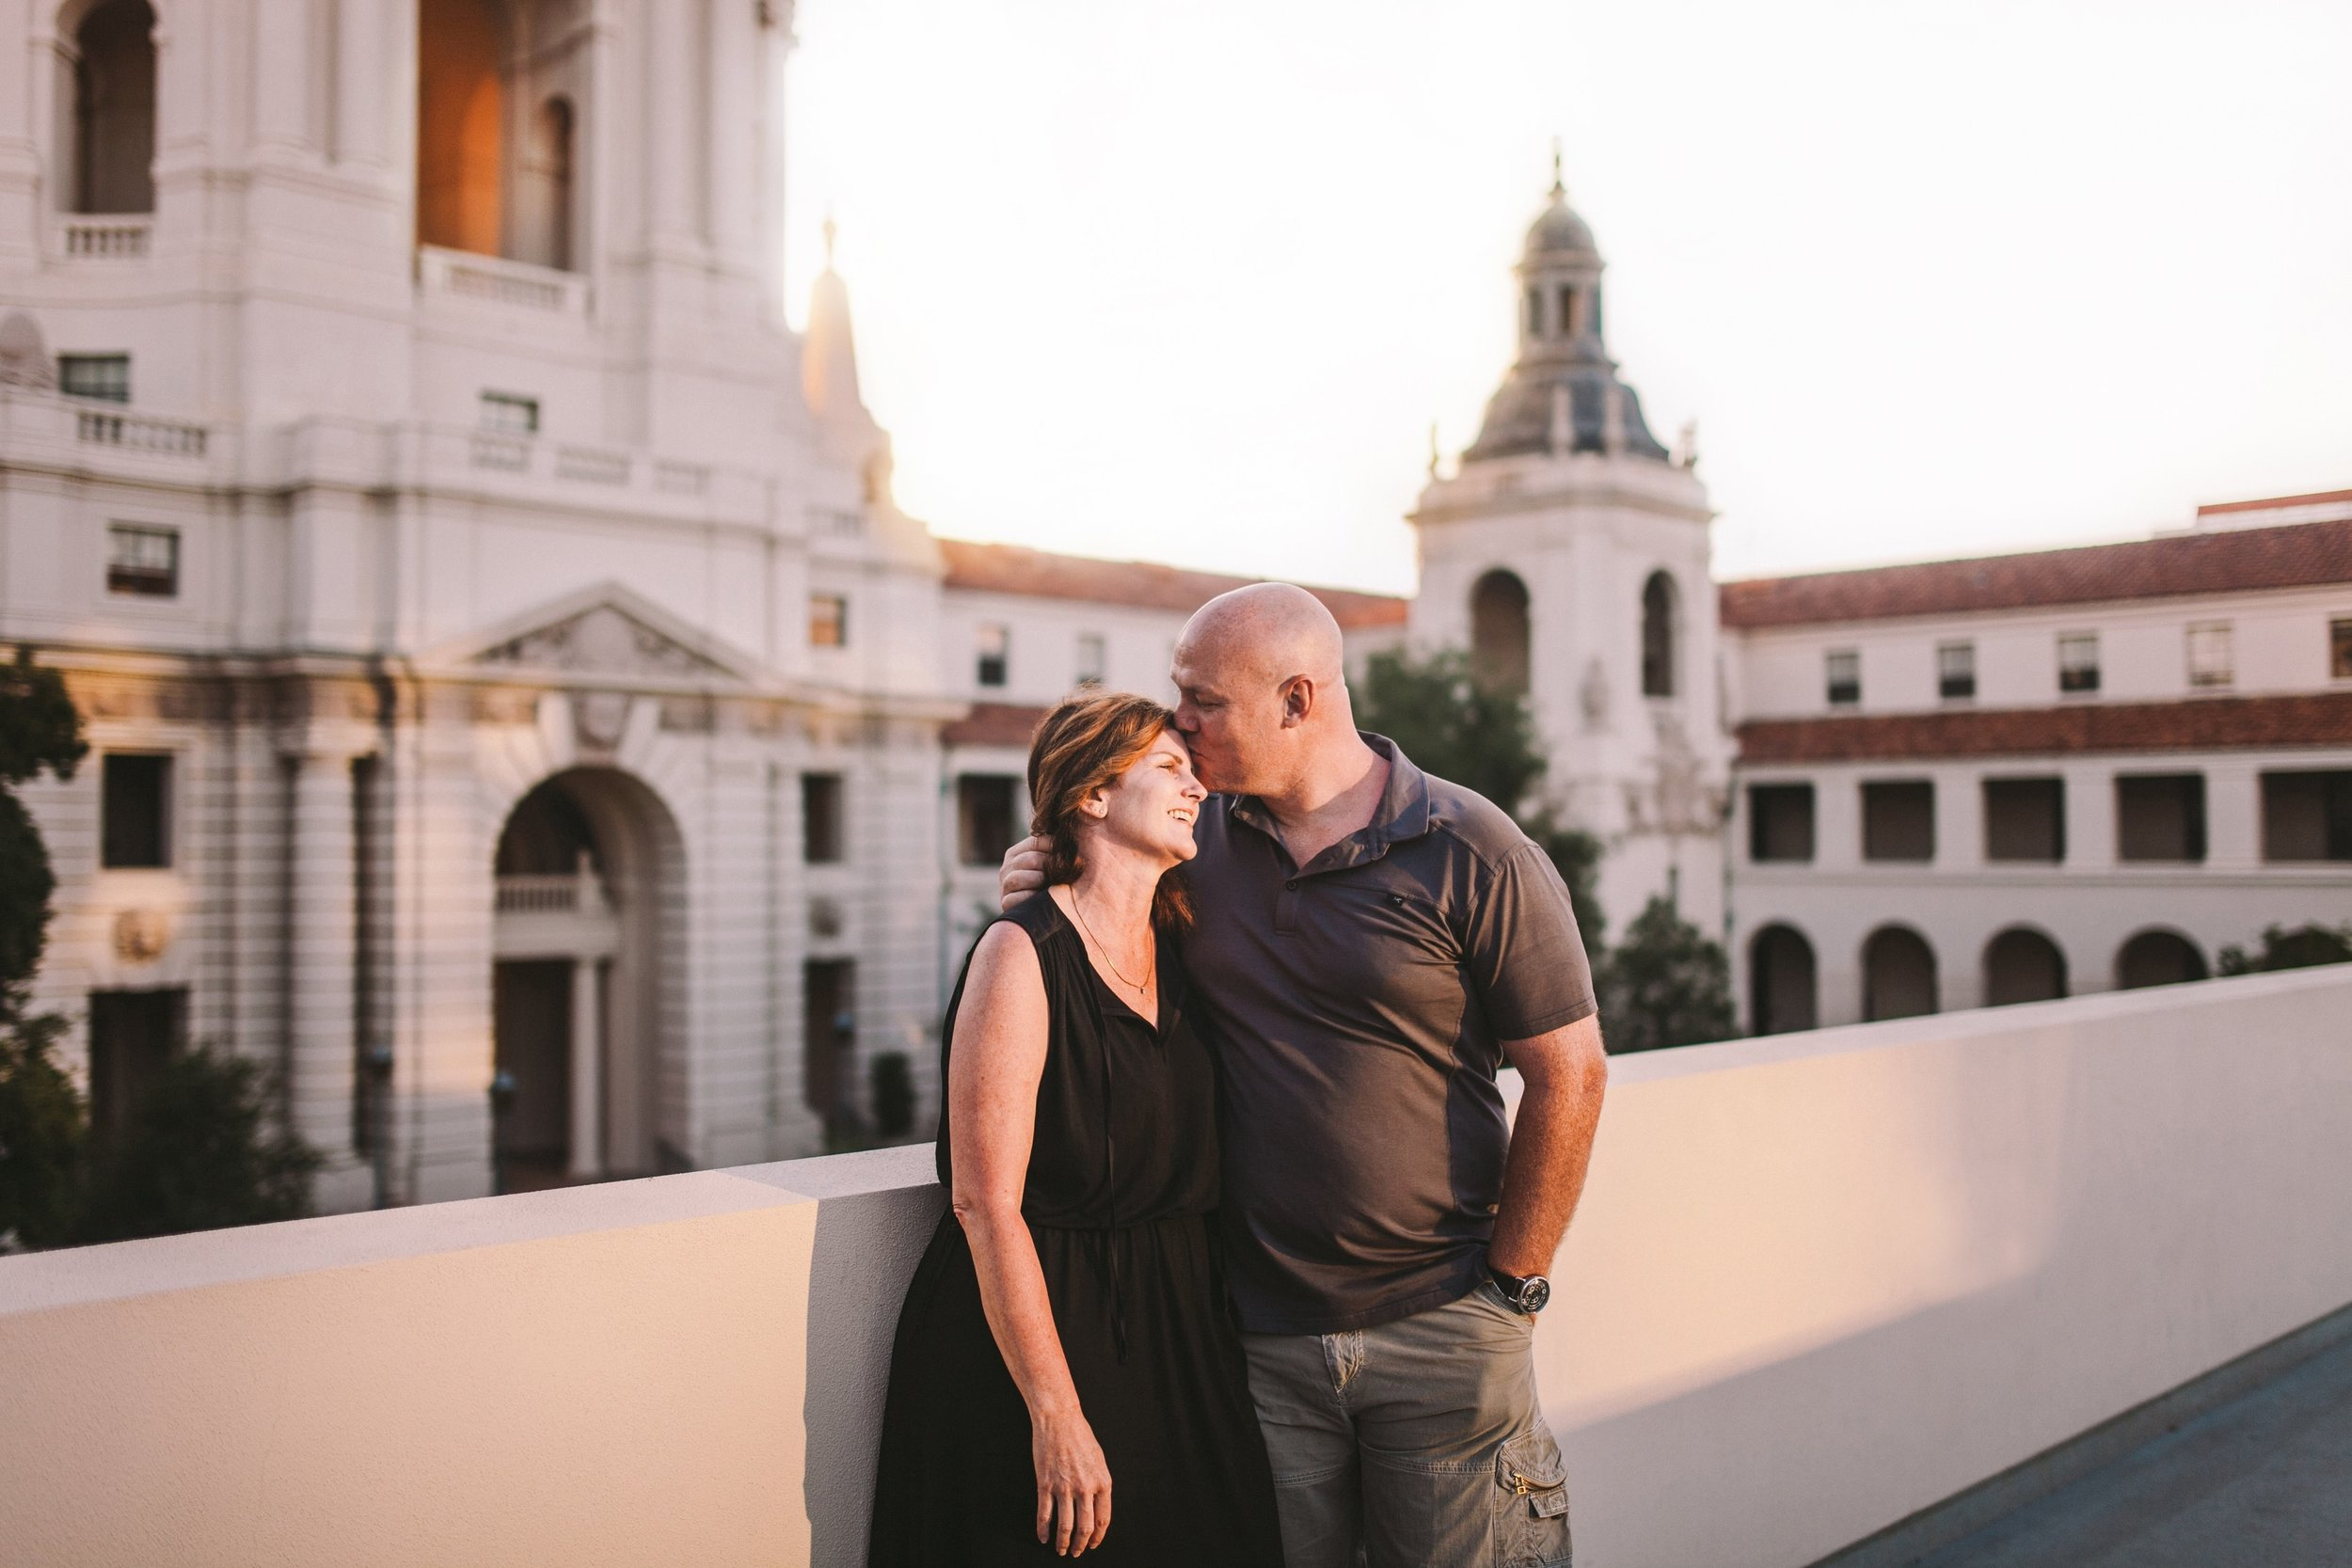 Pasadena City Hall Family Photography Session 18.jpg